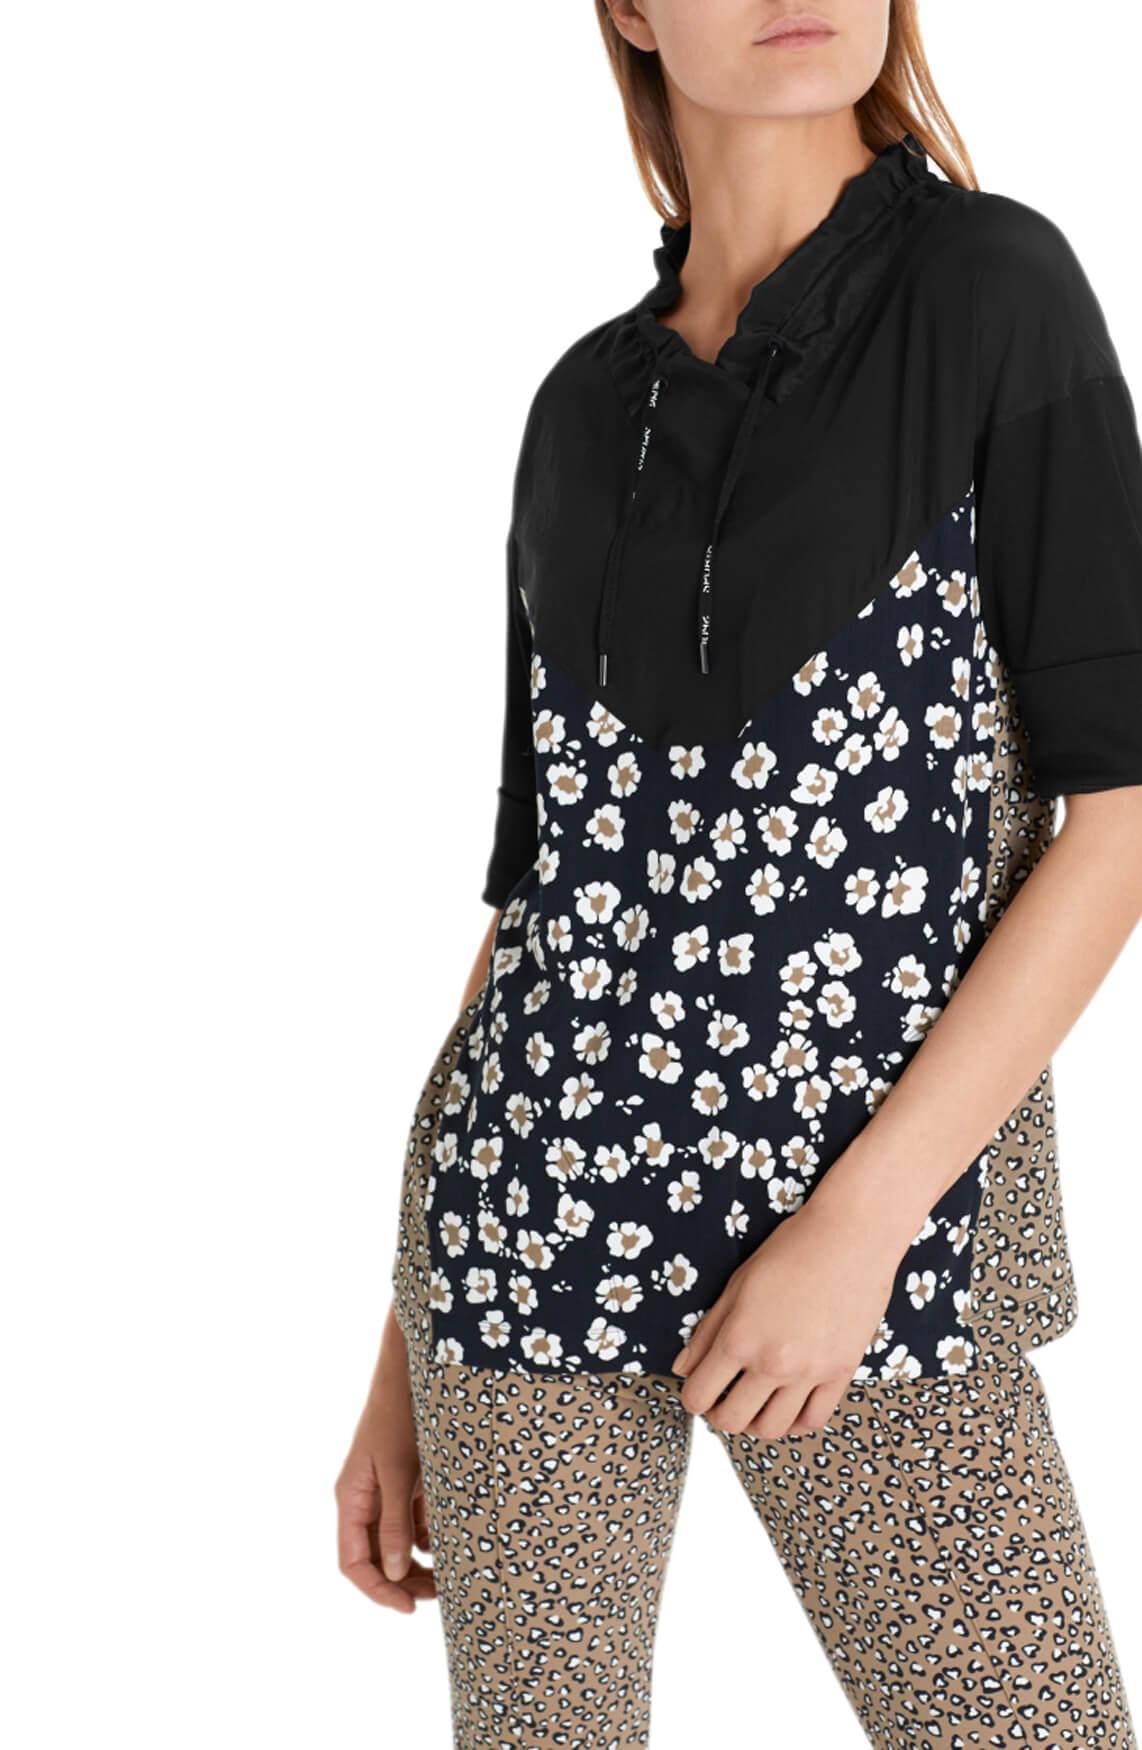 Marccain Sports Dames Shirt met dessin zwart